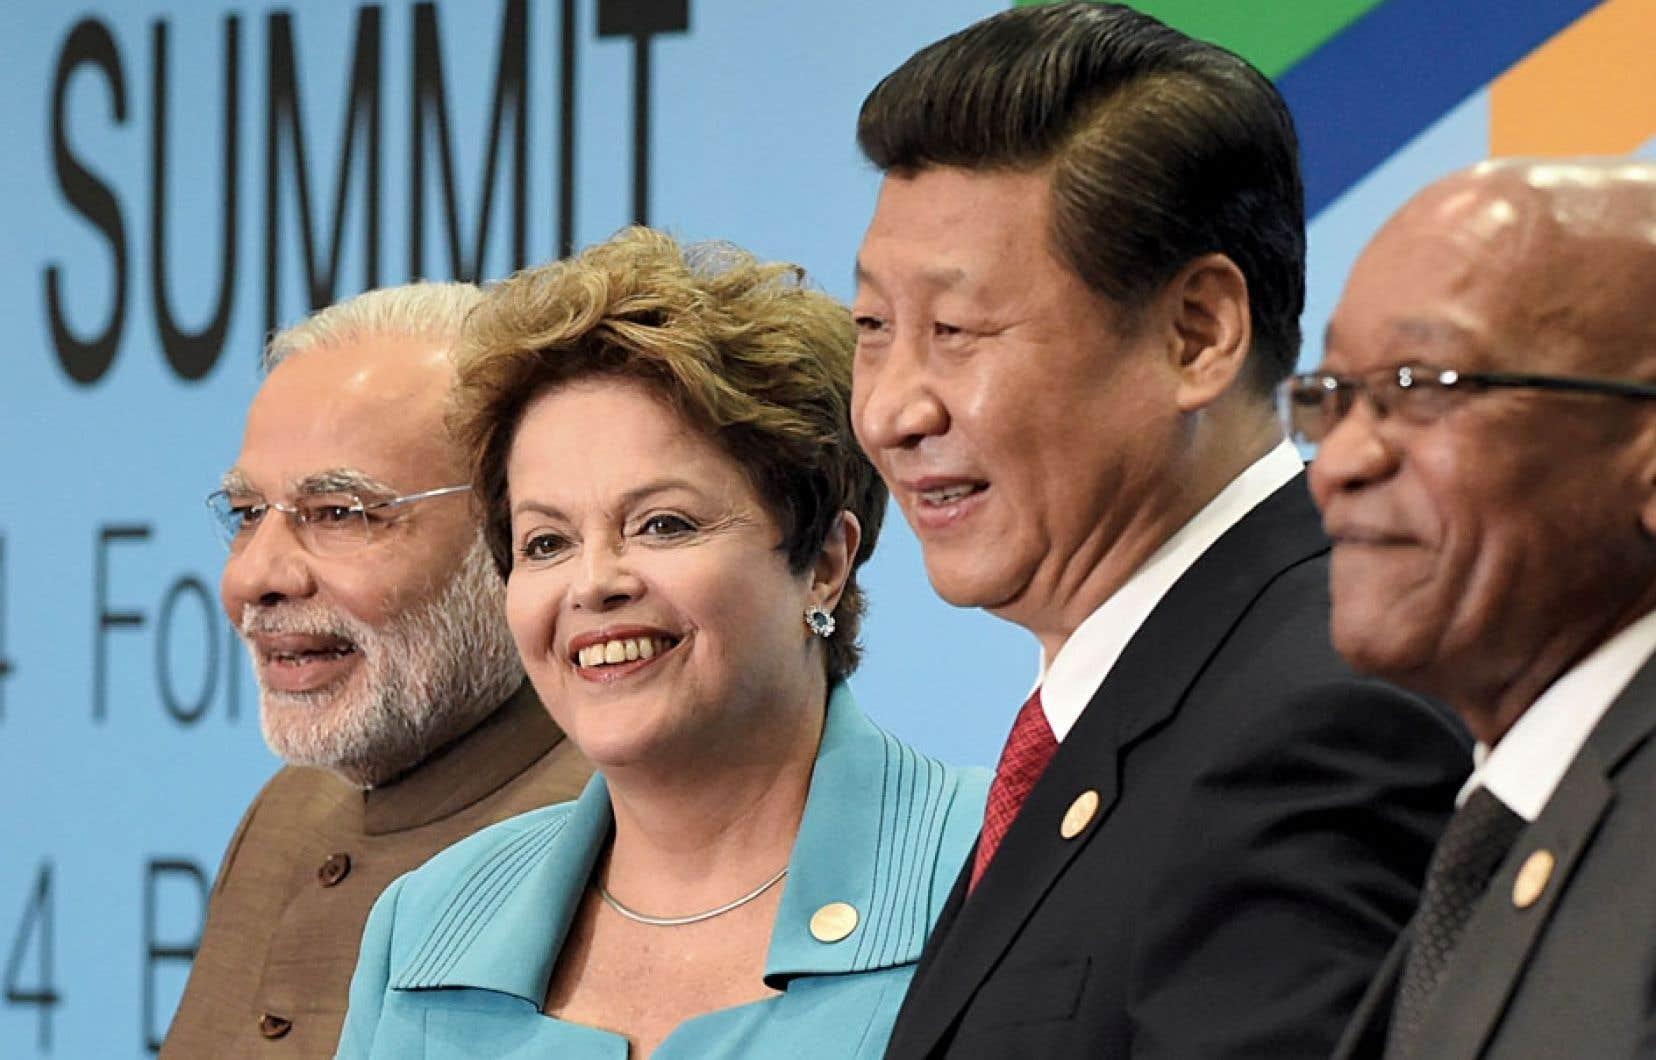 À la réunion des Brics mardi à la station balnéaire de Fortaleza, de gauche à droite: le premier ministre indien, Narendra Modi, la présidente brésilienne, Dilma Rousseff, et ses homologues chinois Xi Jinping et sud-africain Jacob Zuma.